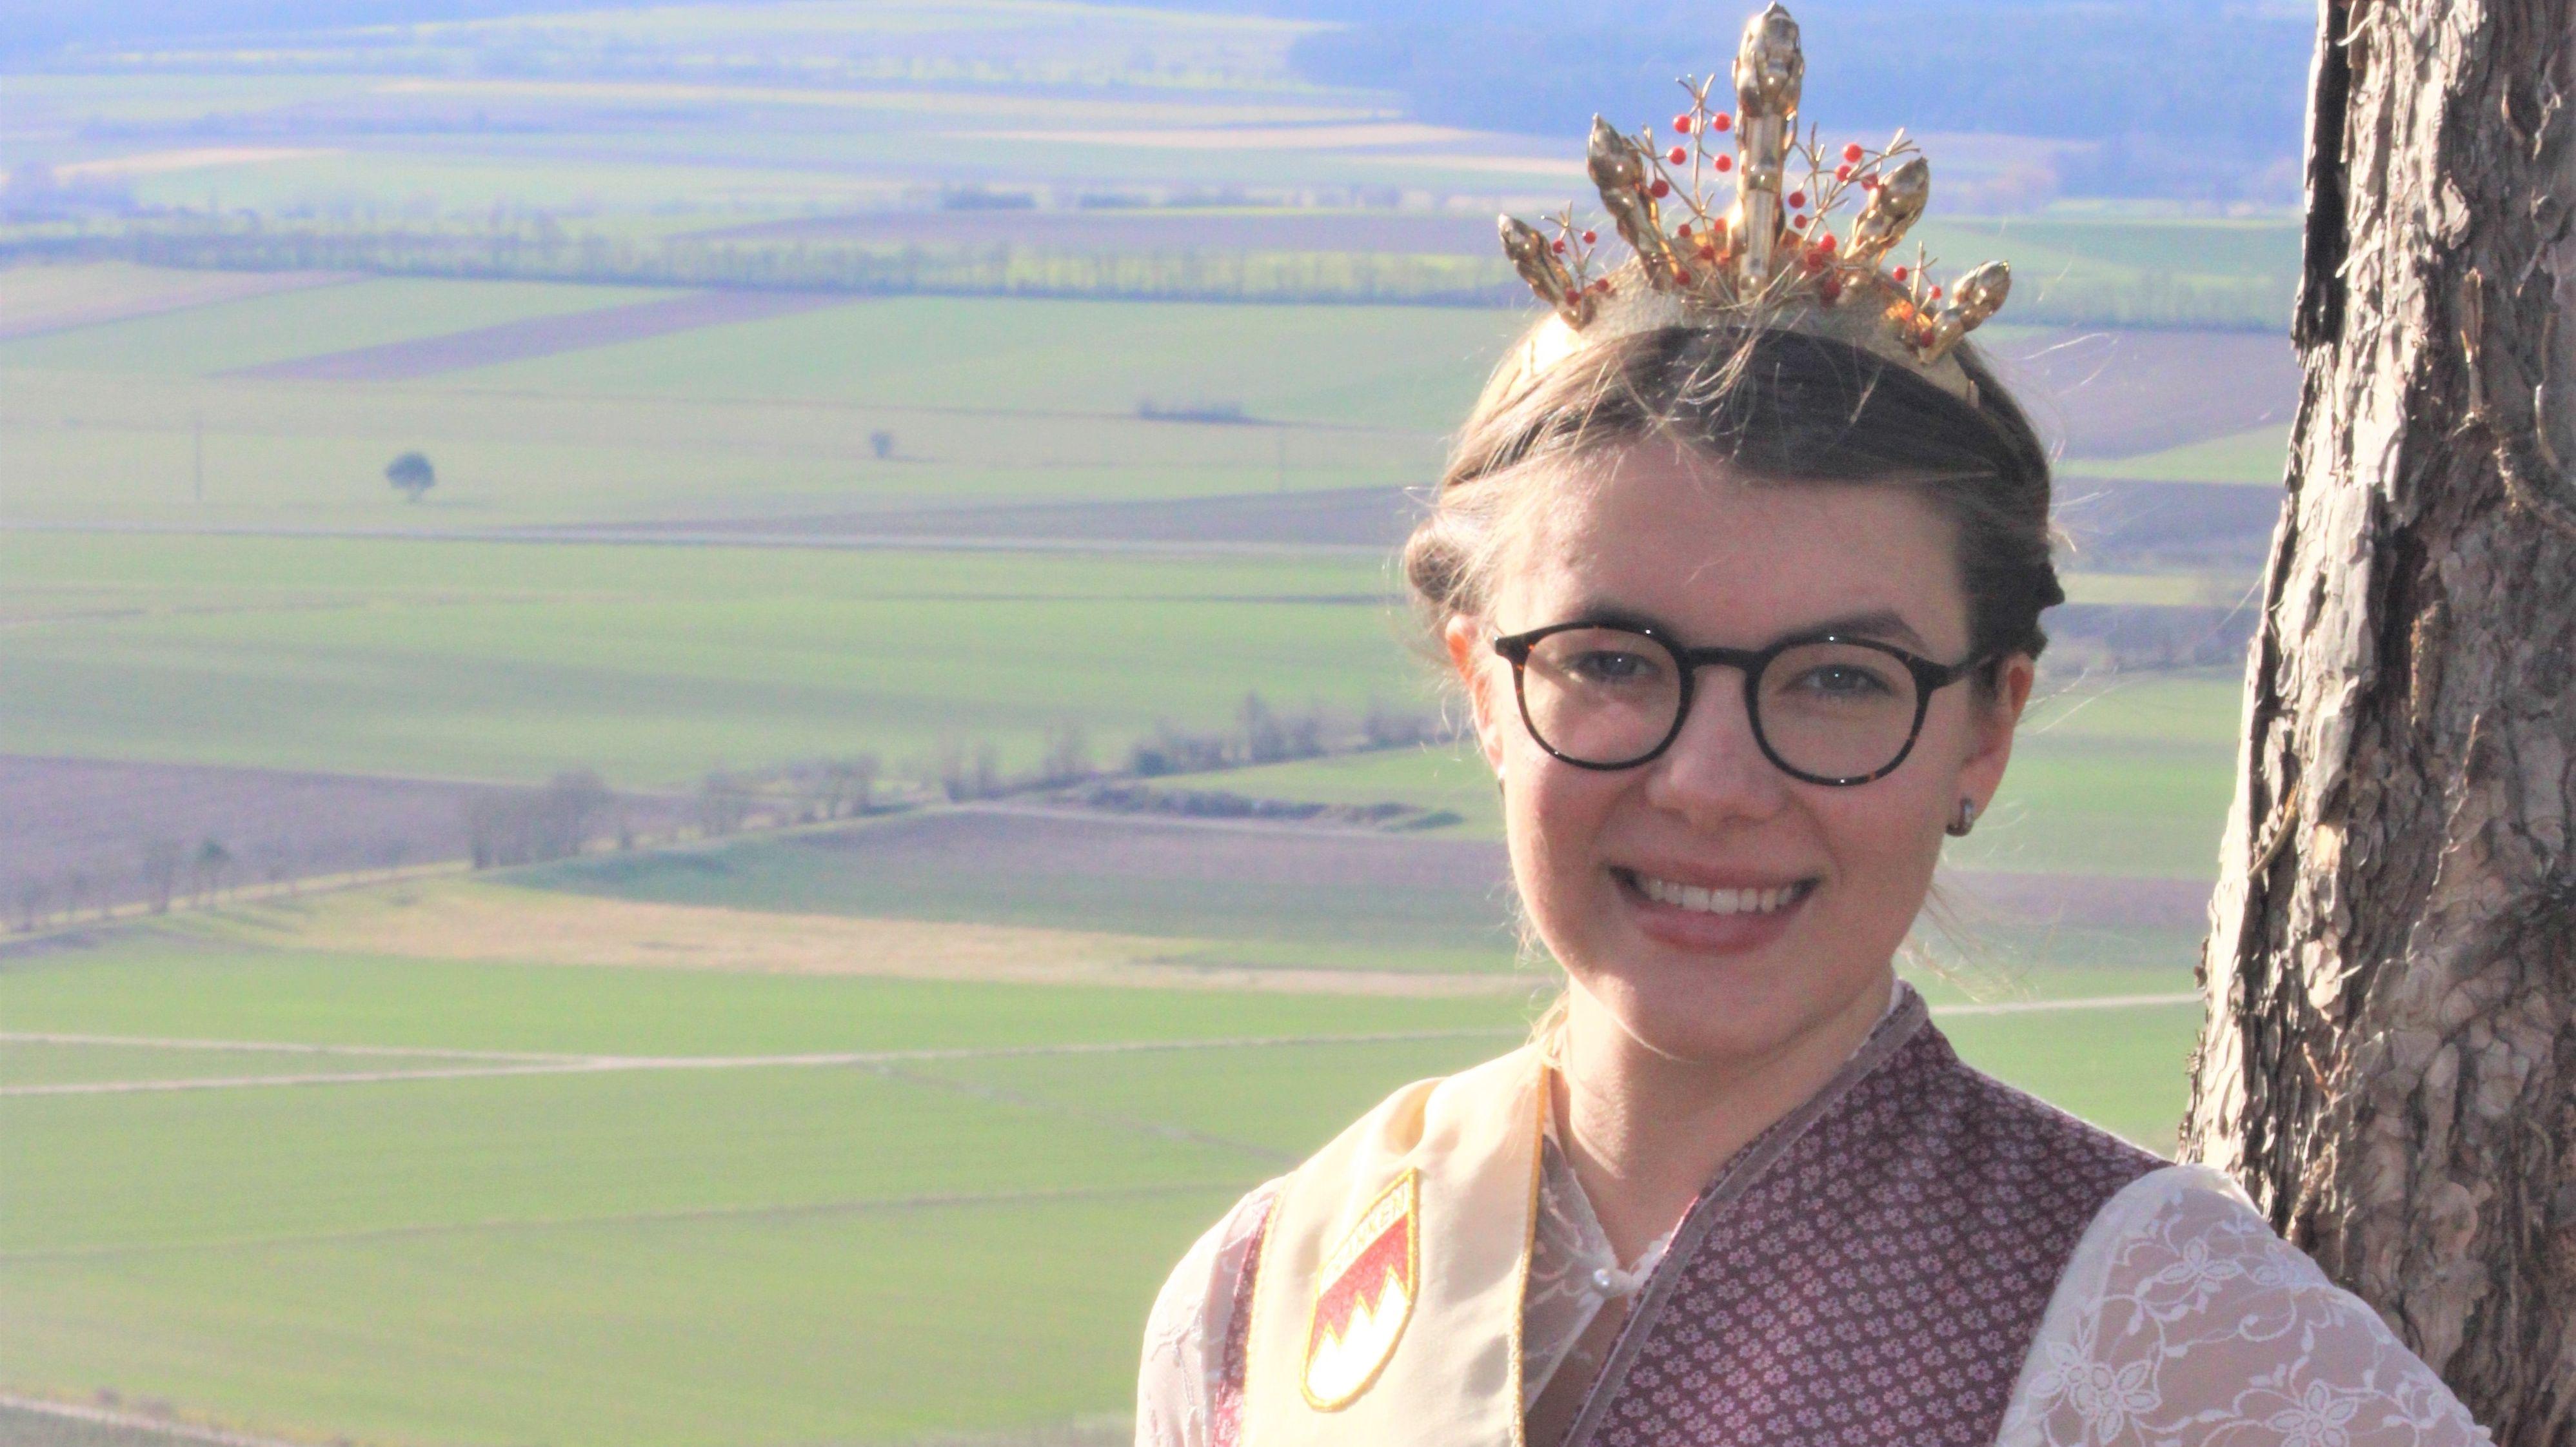 Christiane Reinhart, Fränkische Spargelkönigin 2020/21